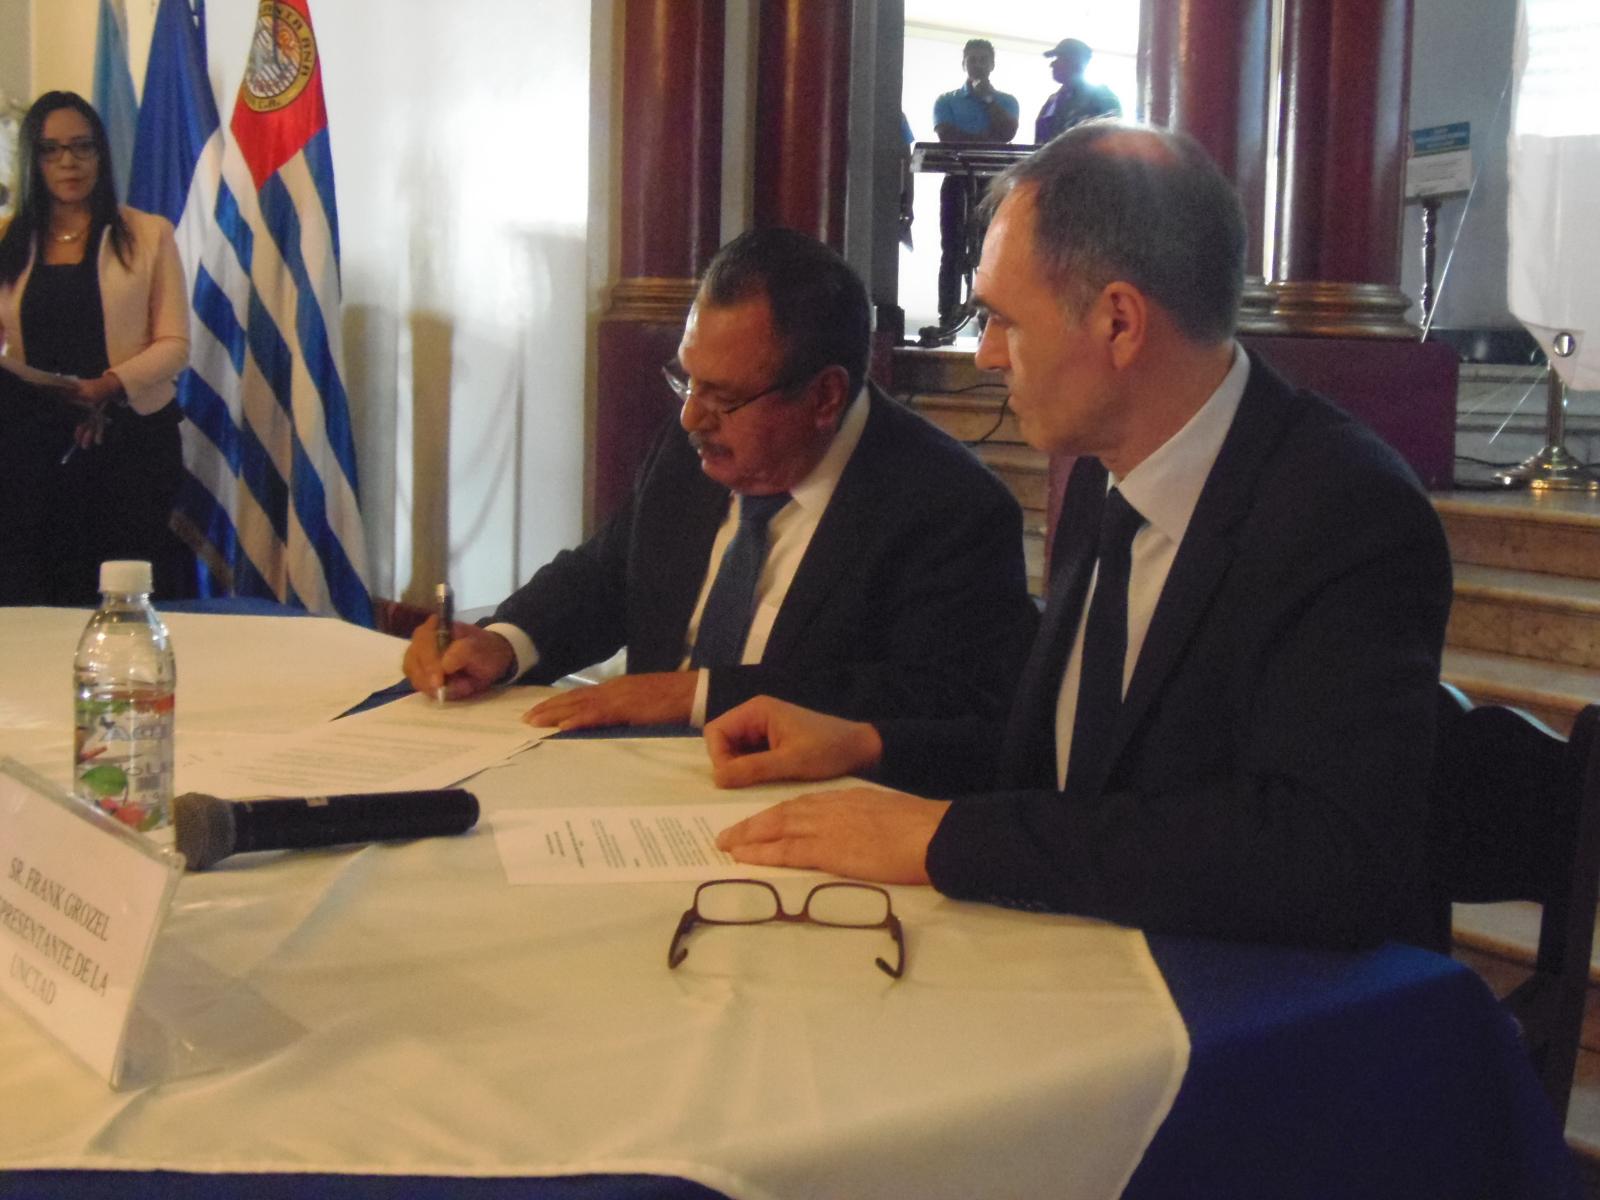 Alcaldía santaneca y UNCTAD firman convenio para facilitar trámites administrativos del sector empresarial